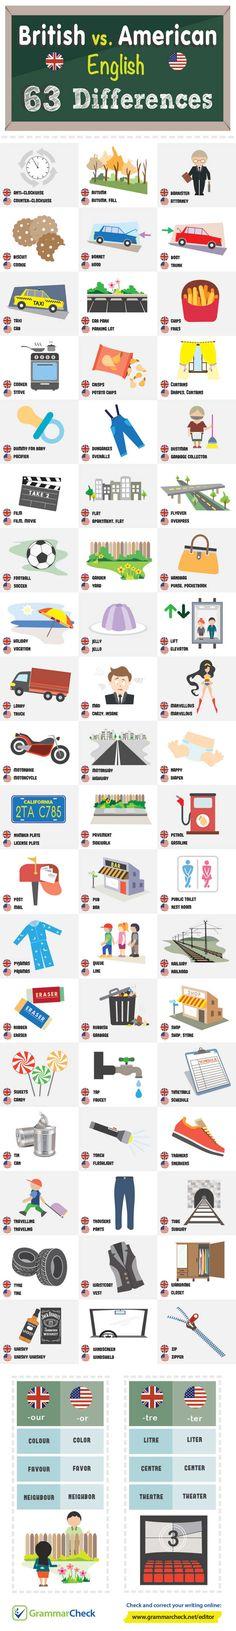 L'Anglais Britannique et l'Anglais Américain ne sont pas si éloignés, même si il existe de très nombreuses différences subtiles, notamment dans le vocabul